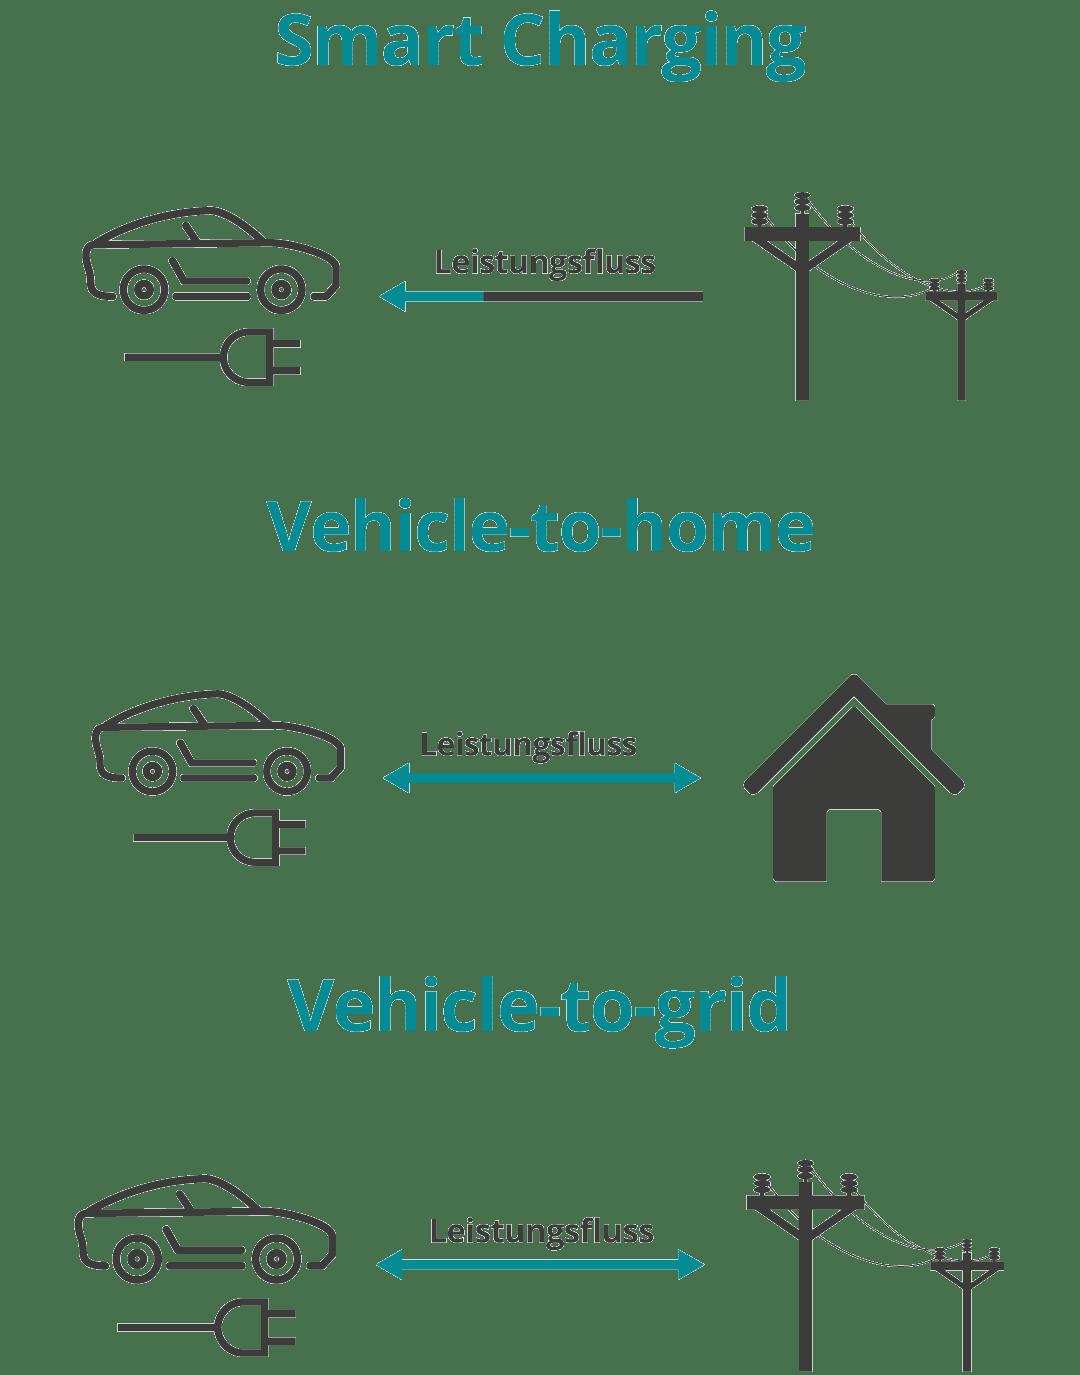 Beitragsgrafik für die Funktionsweise von Smart-Charging in der mobilen Ansicht